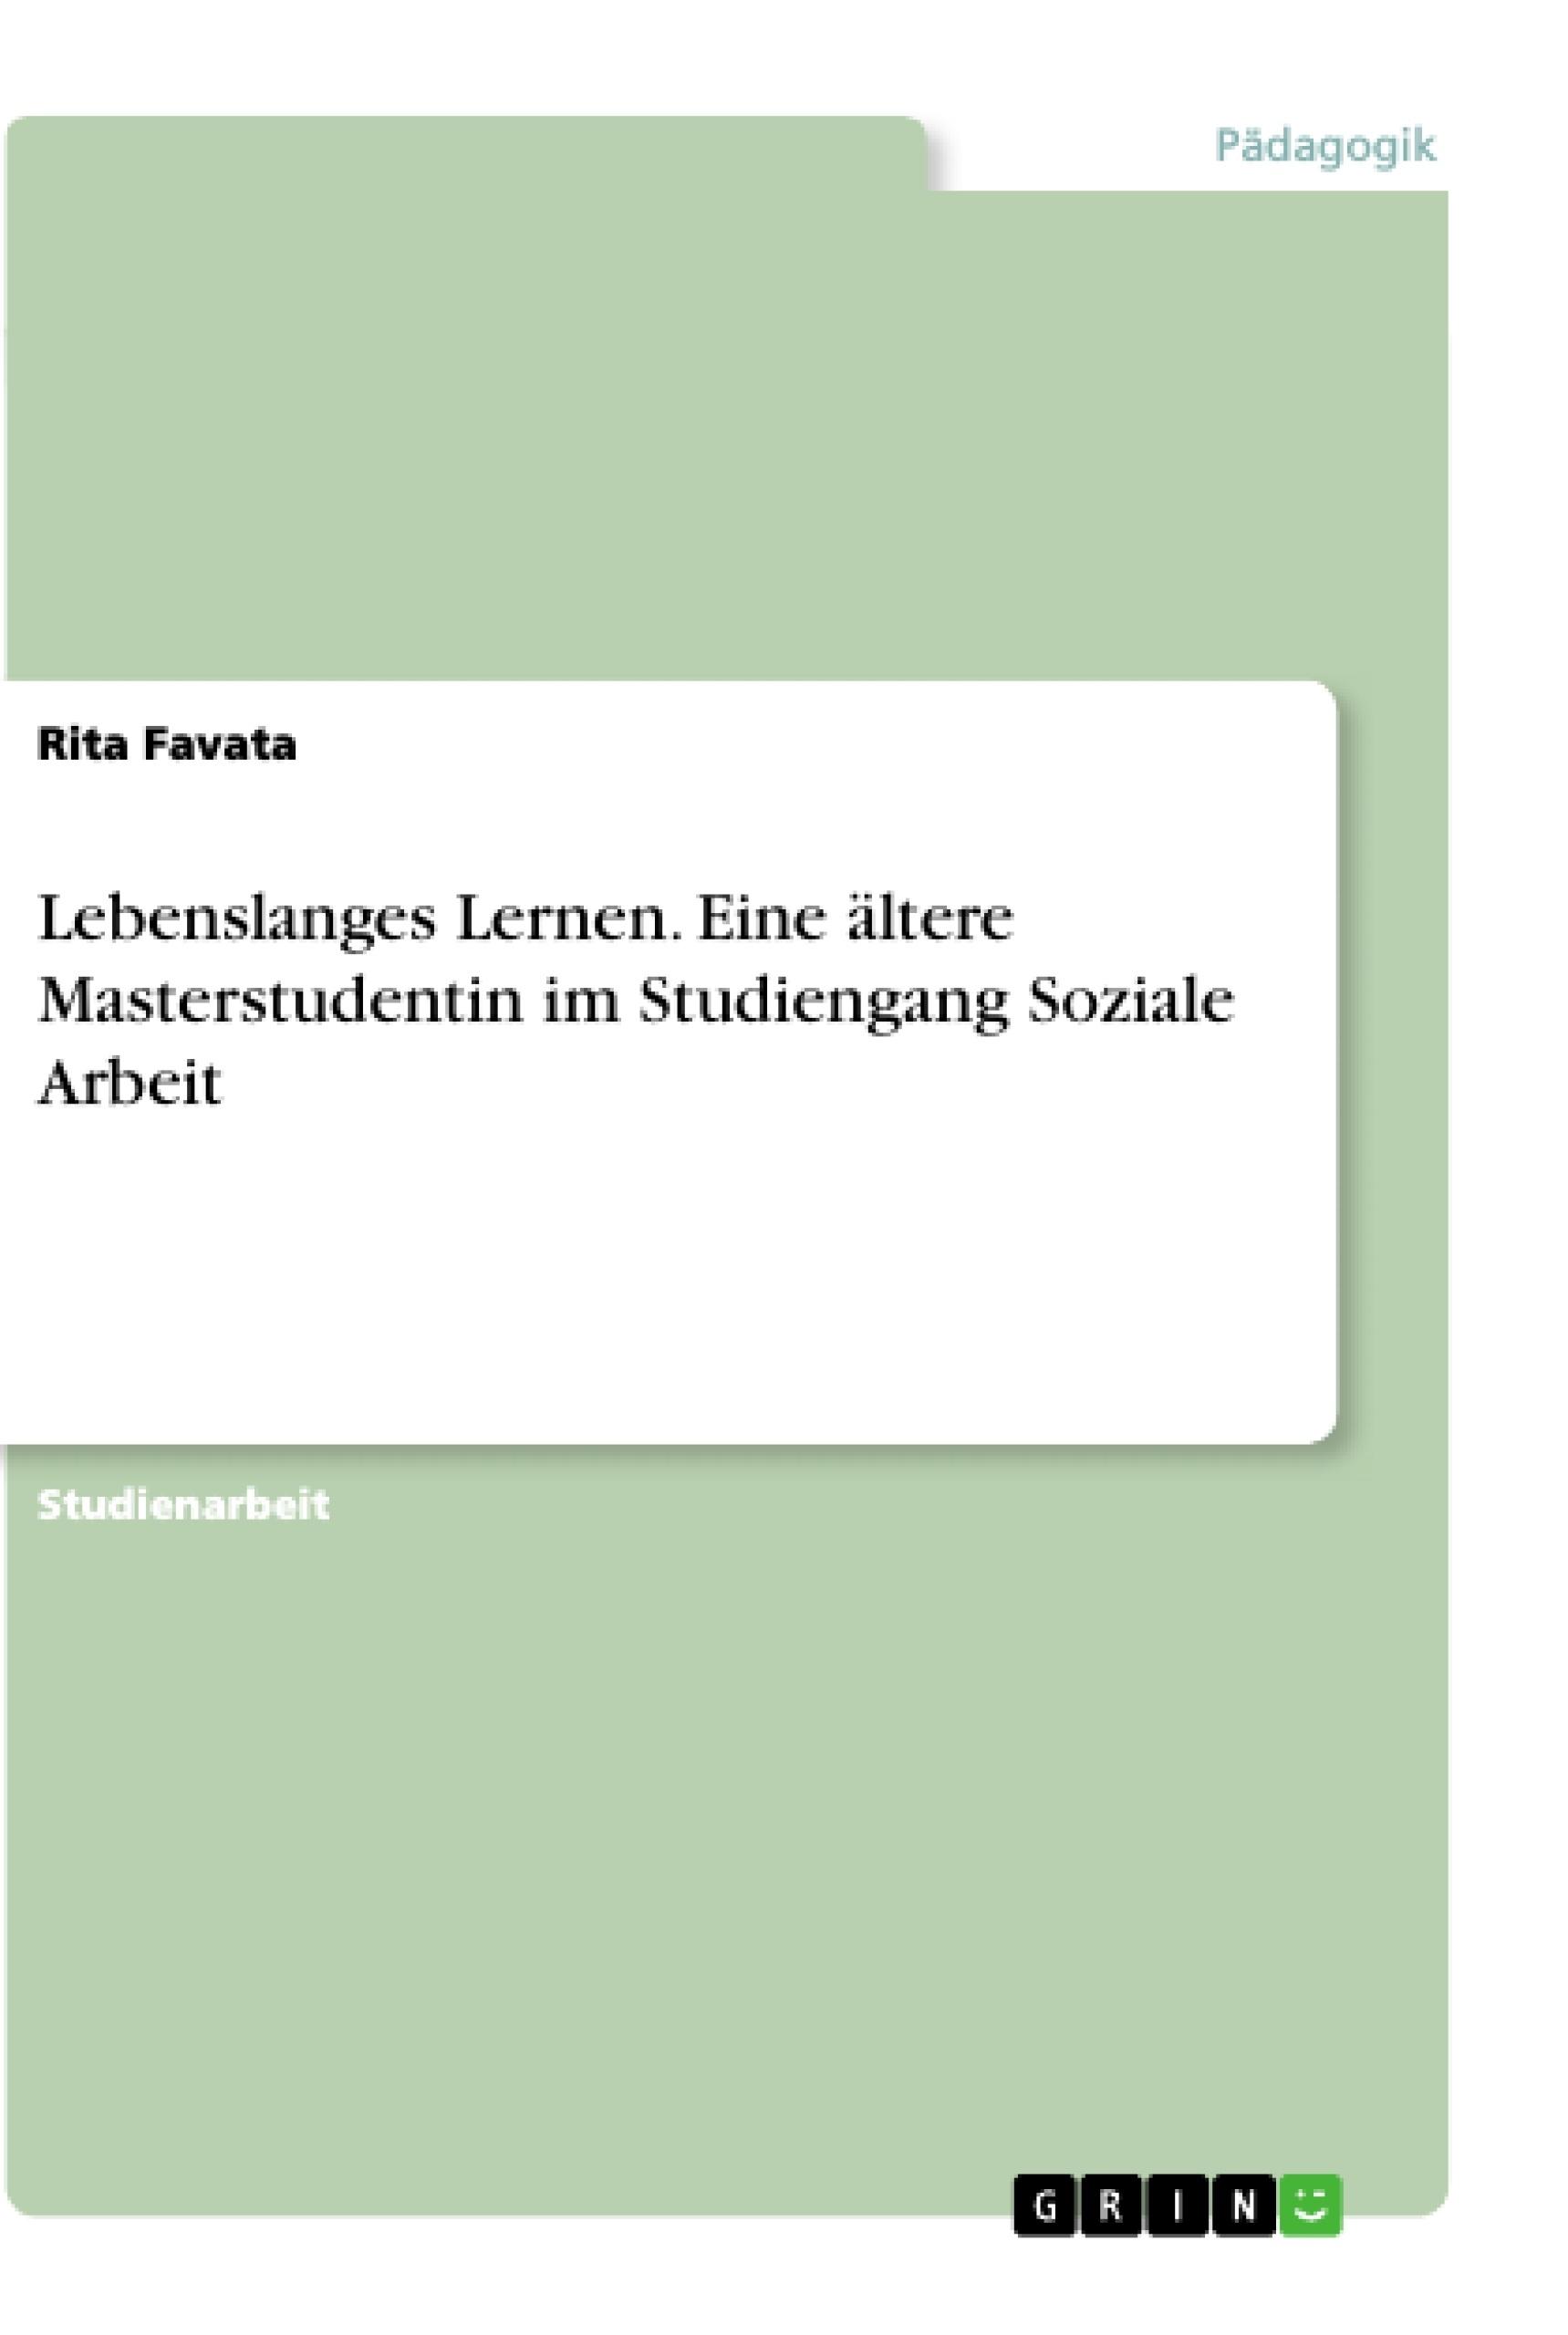 Titel: Lebenslanges Lernen. Eine ältere Masterstudentin im Studiengang Soziale Arbeit